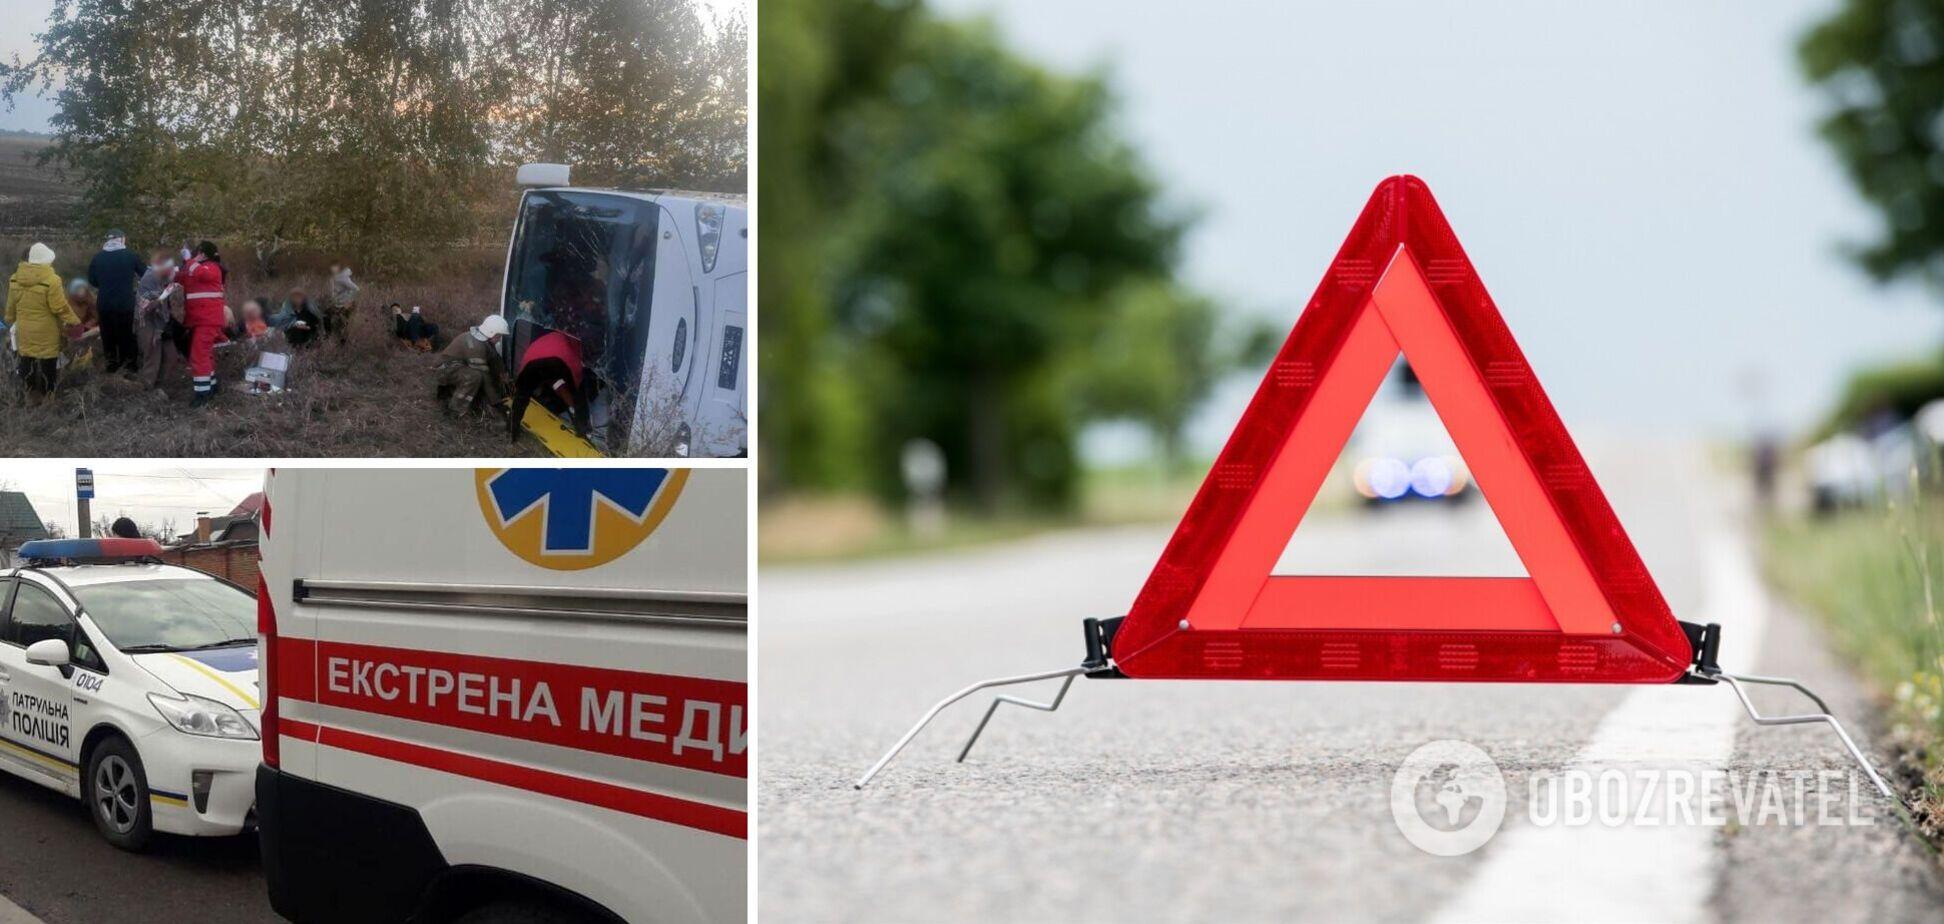 На Полтавщине перевернулся пассажирский автобус: водитель погиб, много пострадавших. Фото